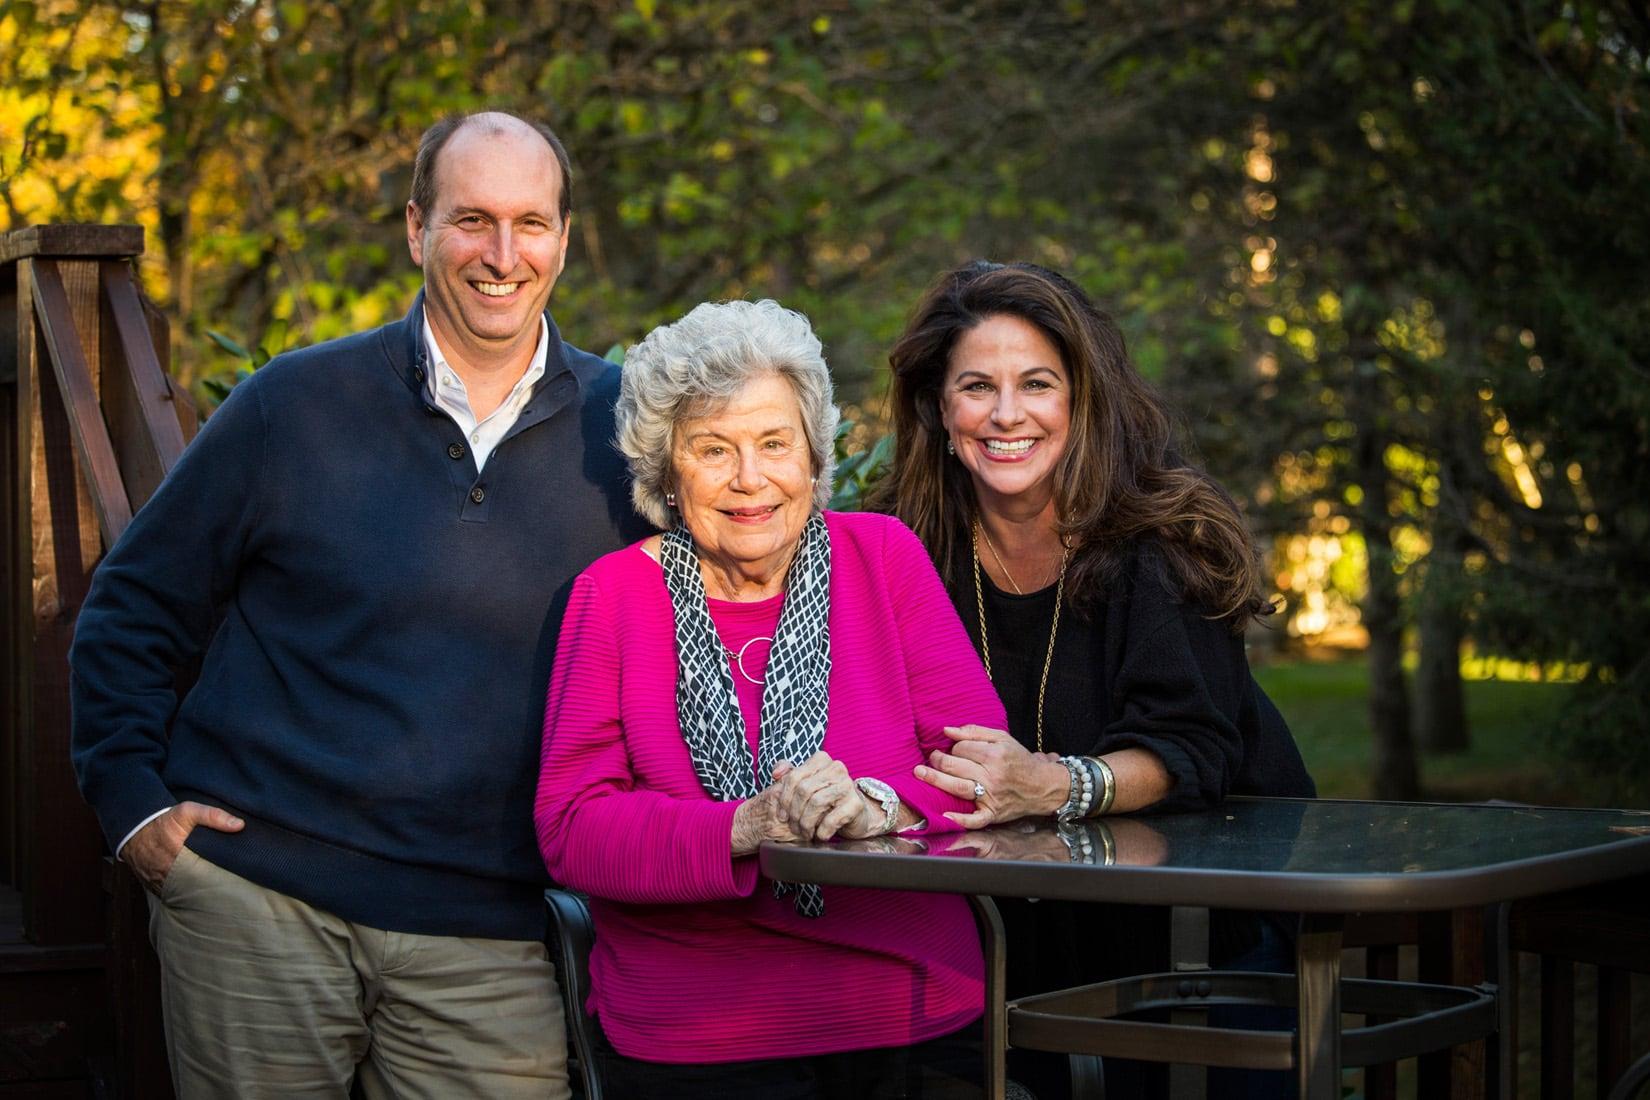 Lifestyle & Portrait Photography, State College, PA - Bob Lambert Photo